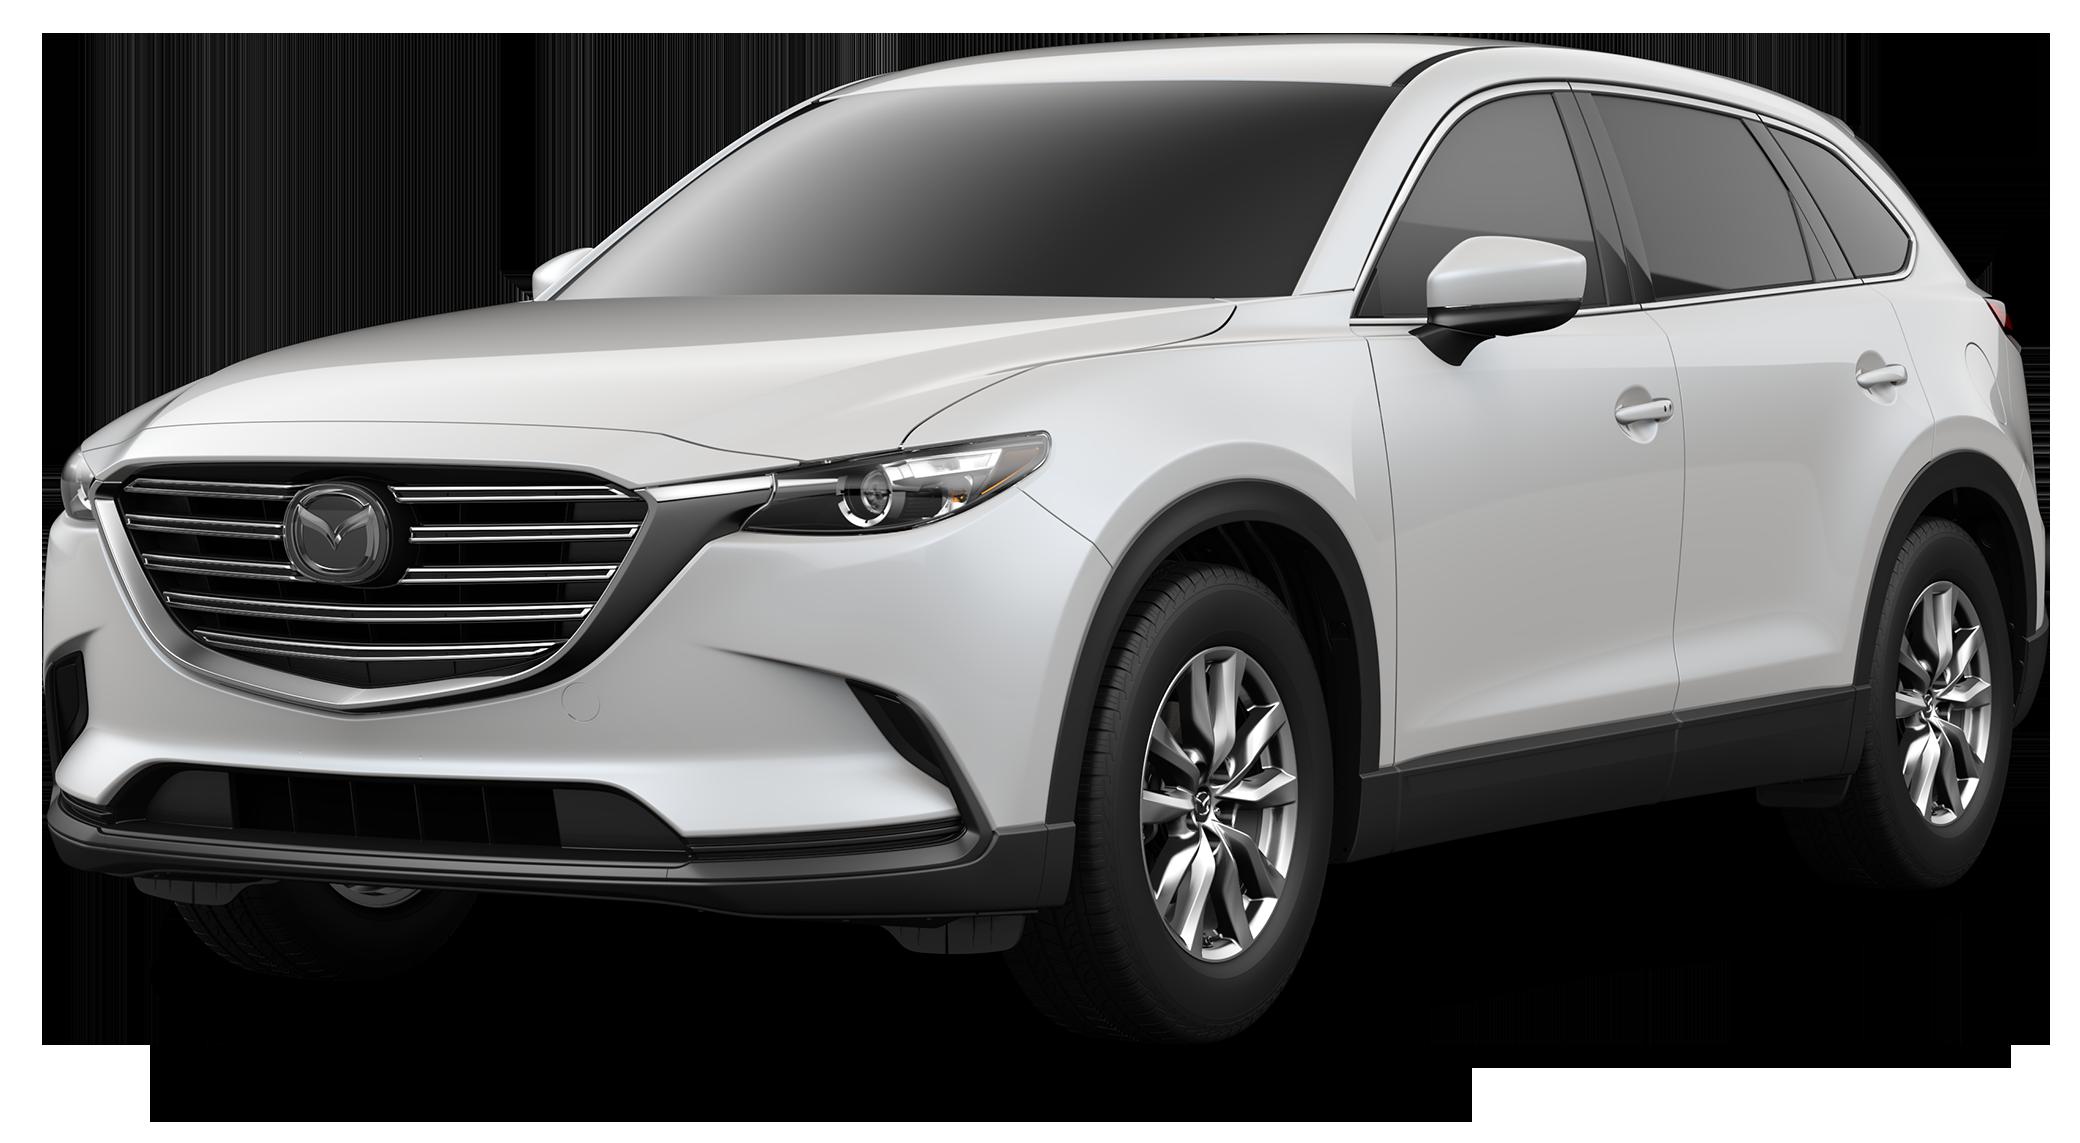 2019 Mazda Mazda CX 9 SUV